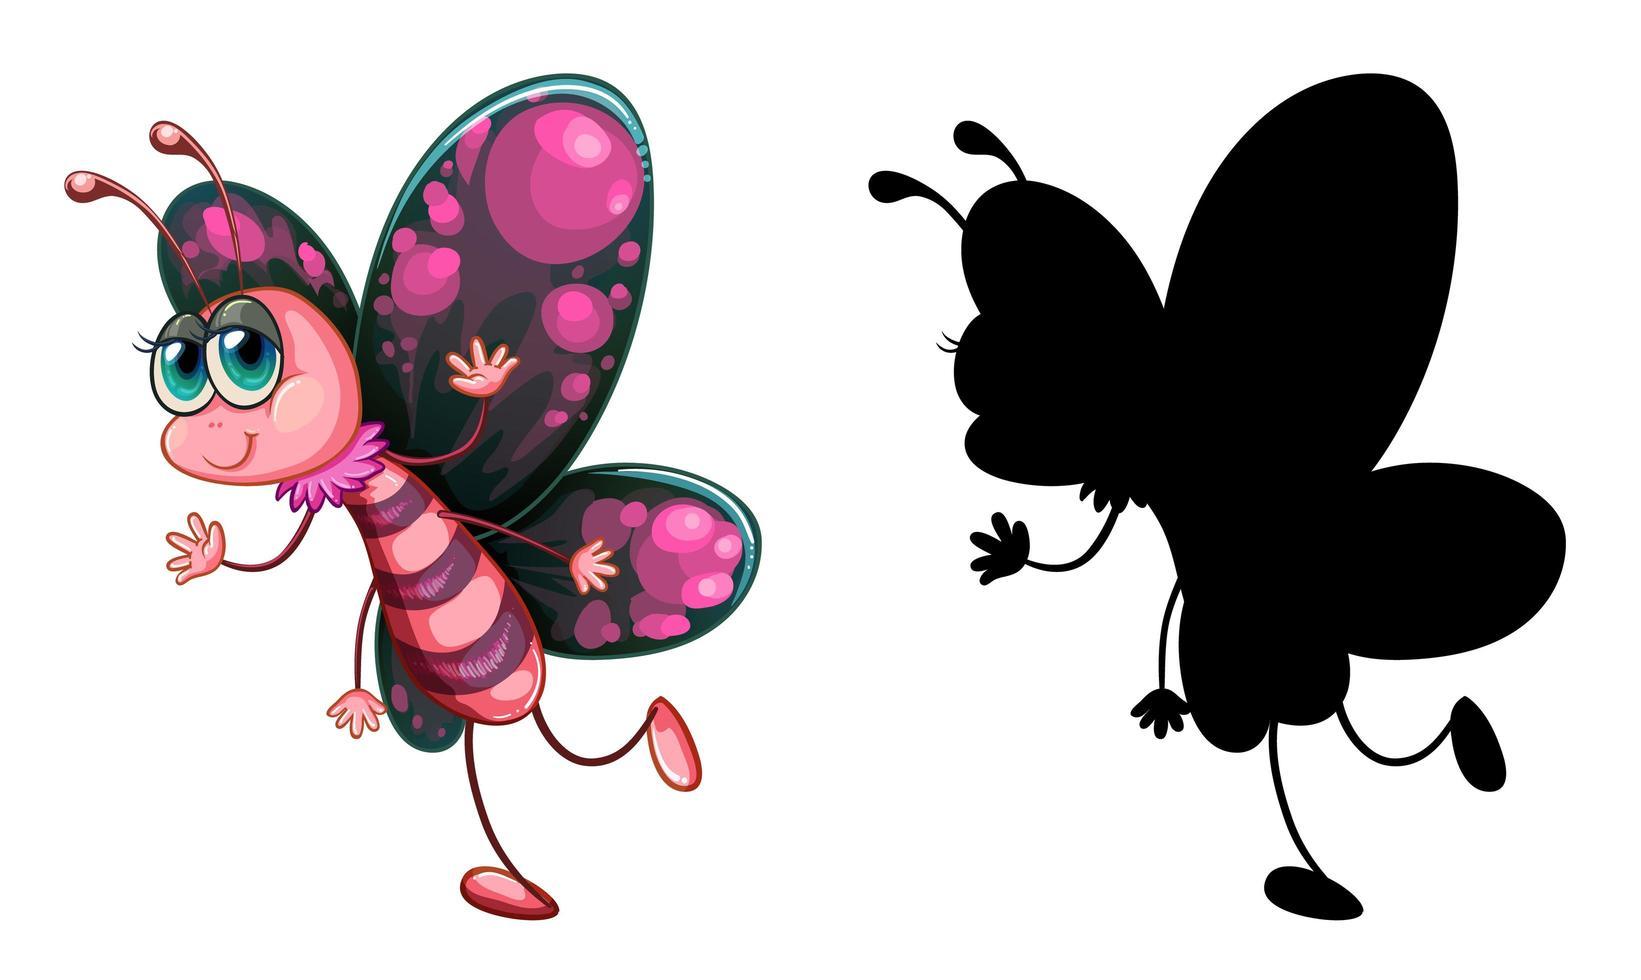 set di personaggio dei cartoni animati di insetti e la sua silhouette su sfondo bianco vettore